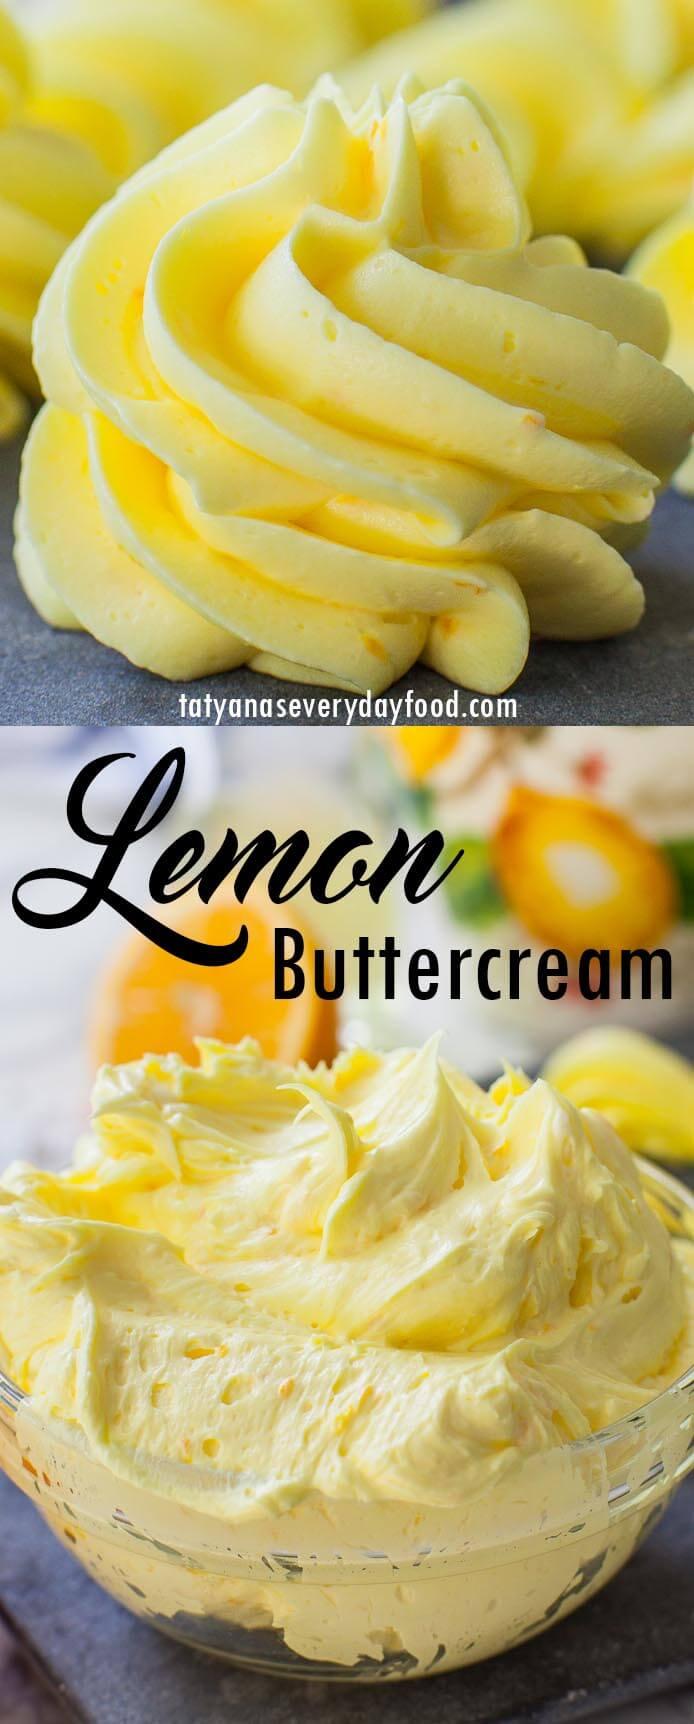 The Best Lemon Buttercream video recipe